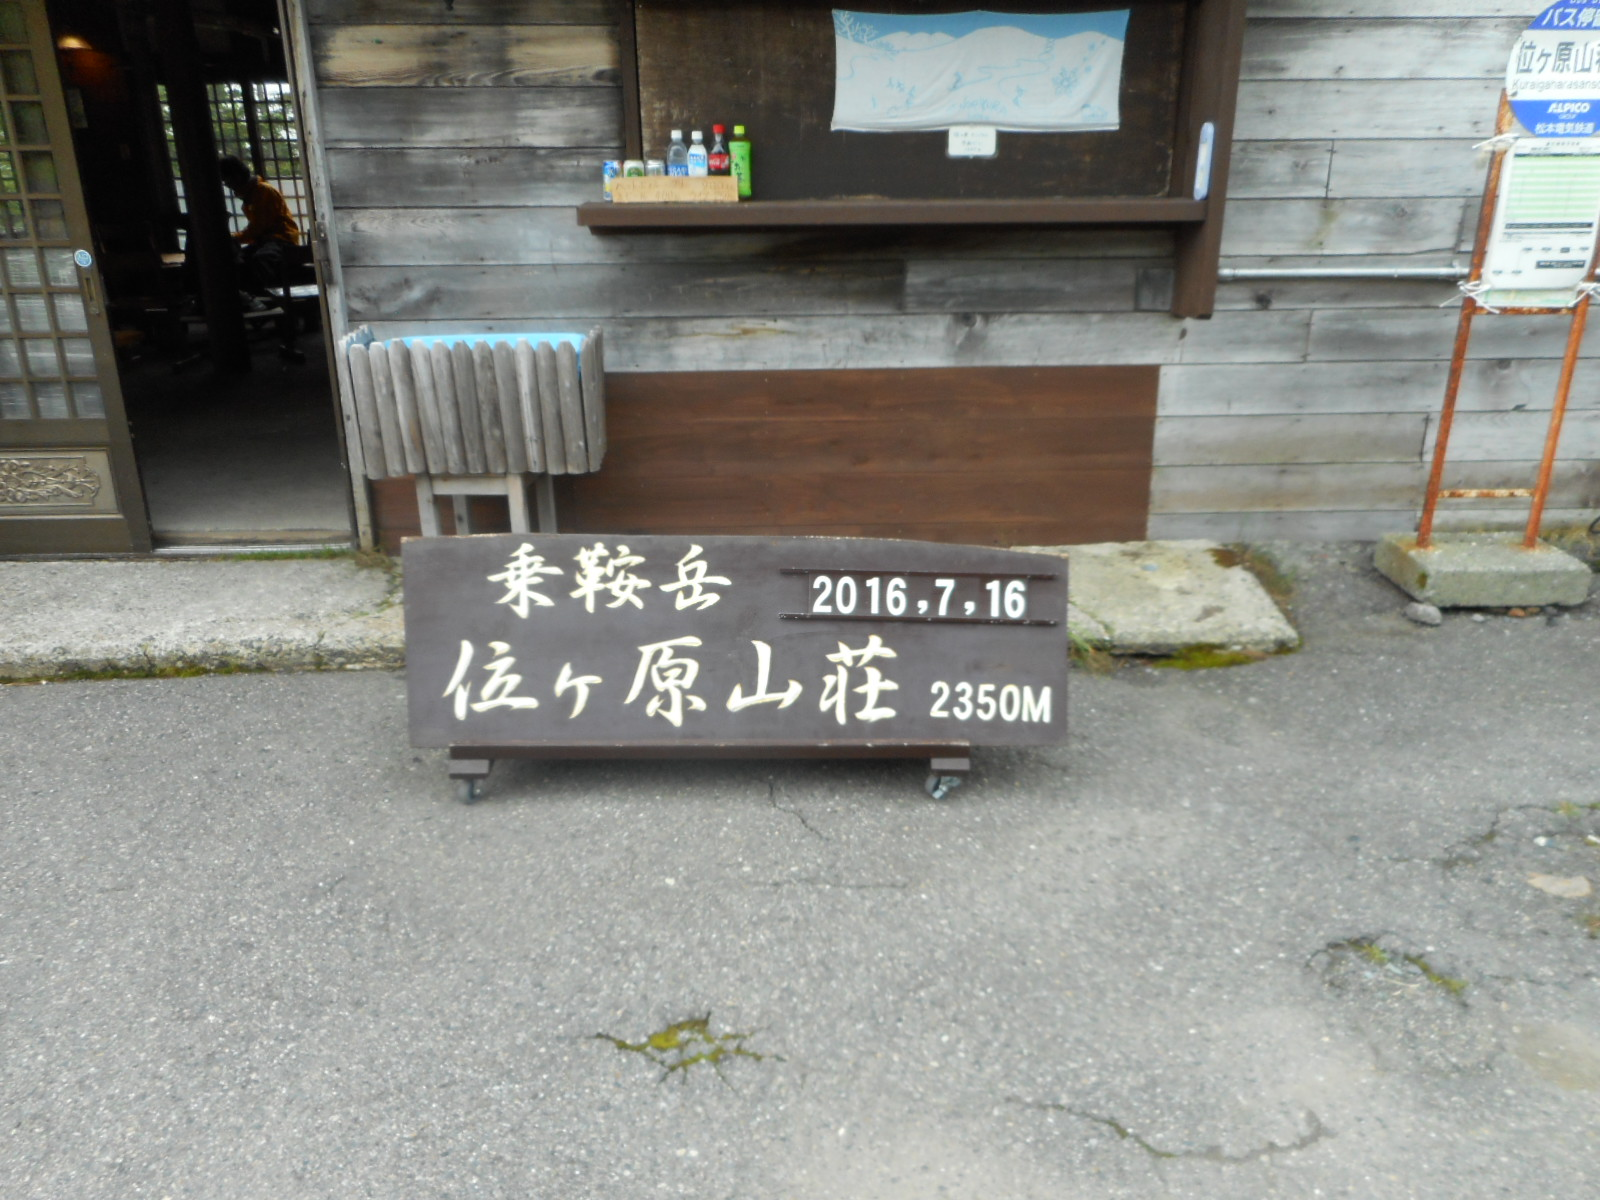 2016_0716_105241-DSCN0696.jpg